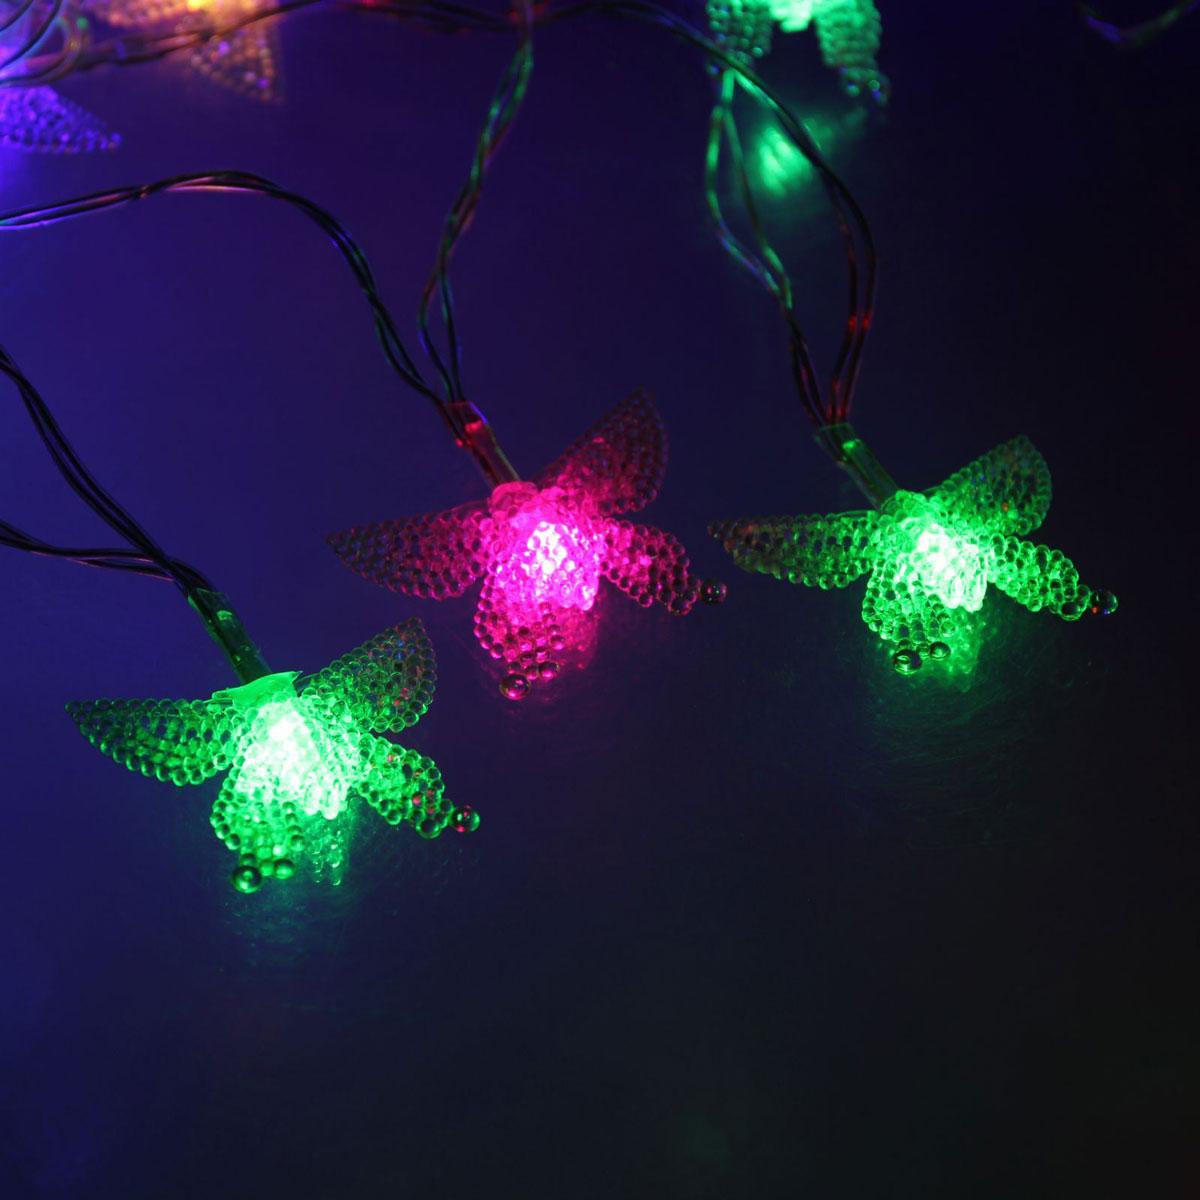 Гирлянда светодиодная Luazon Метраж. Бабочка в крапинку, 20 ламп, 5 V, длина 3 м1080378Светодиодные гирлянды и ленты — это отличный вариант для новогоднего оформления интерьера или фасада. С их помощью помещение любого размера можно превратить в праздничный зал, а внешние элементы зданий, украшенные ими, мгновенно станут напоминать очертания сказочного дворца. Такие украшения создают ауру предвкушения чуда. Деревья, фасады, витрины, окна и арки будто специально созданы, чтобы вы украсили их светящимися нитями.